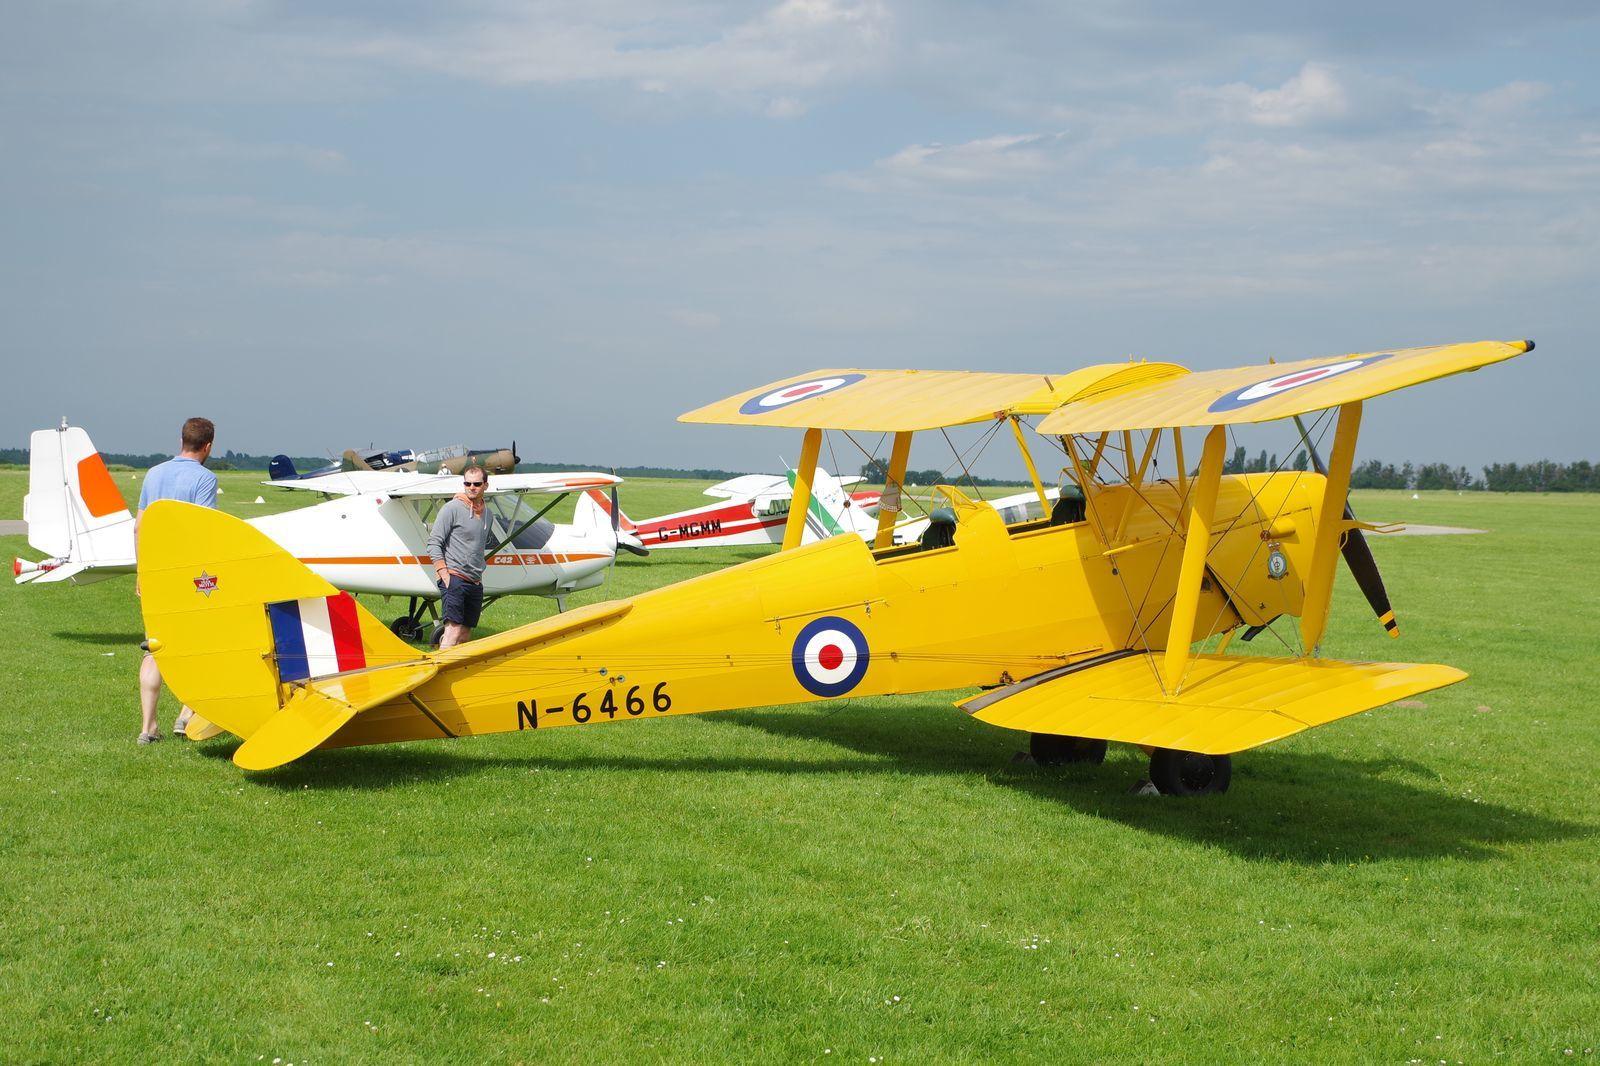 Quelques visiteurs avec le DH-82 Tiger Moth G-ANKZ basé à Orbigny.